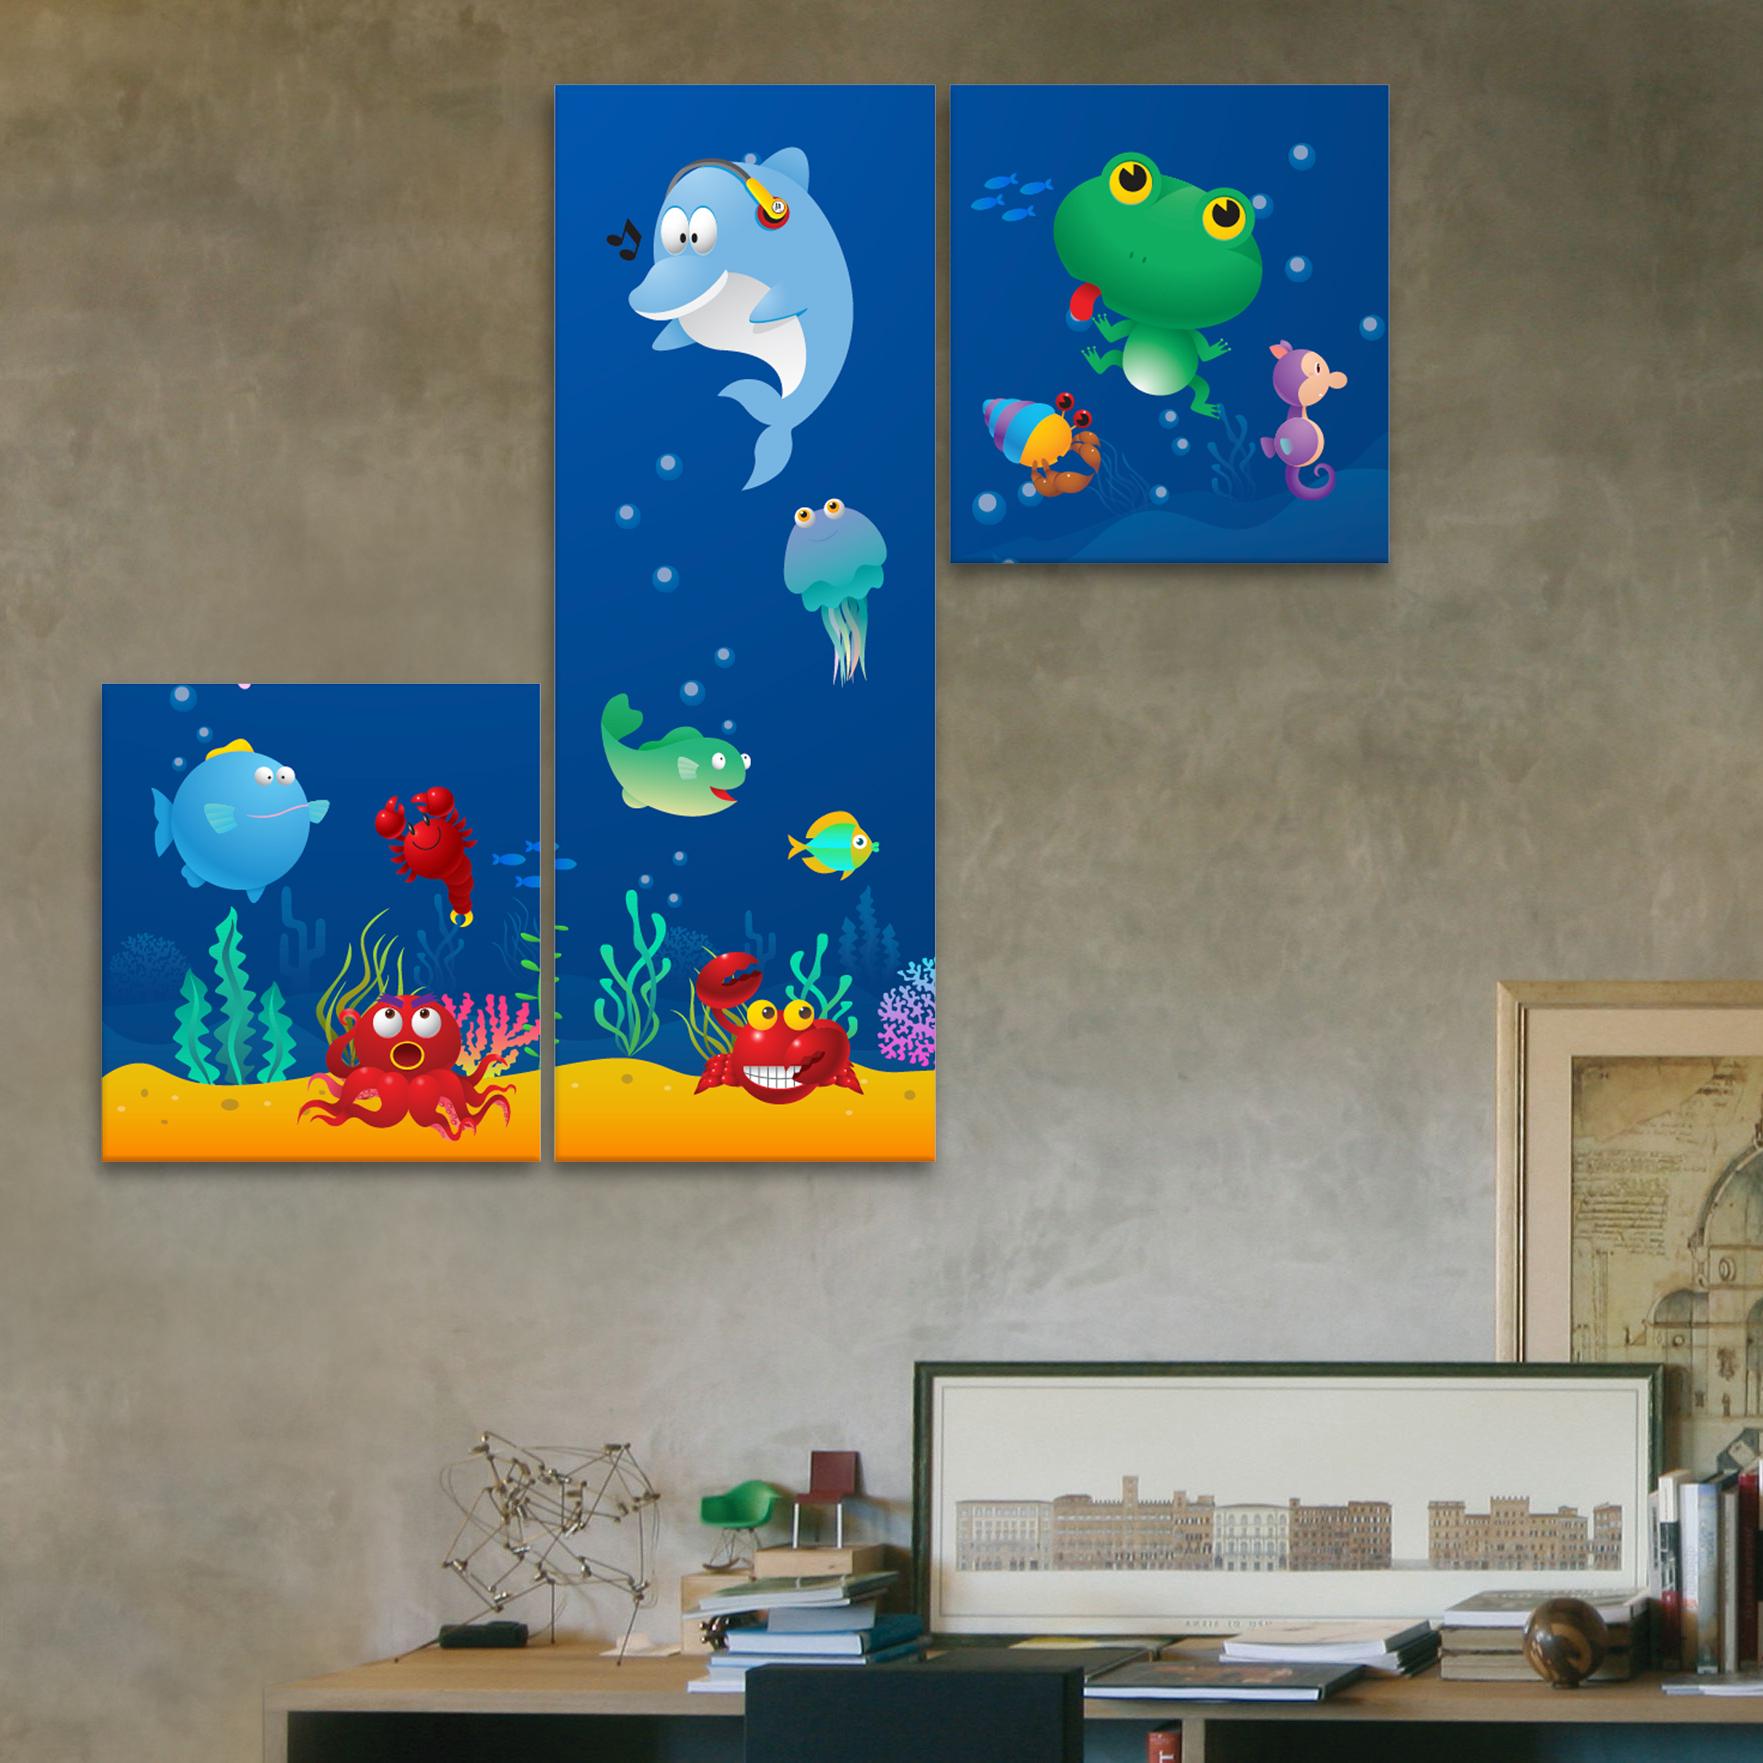 Pecera 85 cm x 70 cm cuadros decorativos for Donde puedo comprar cuadros decorativos